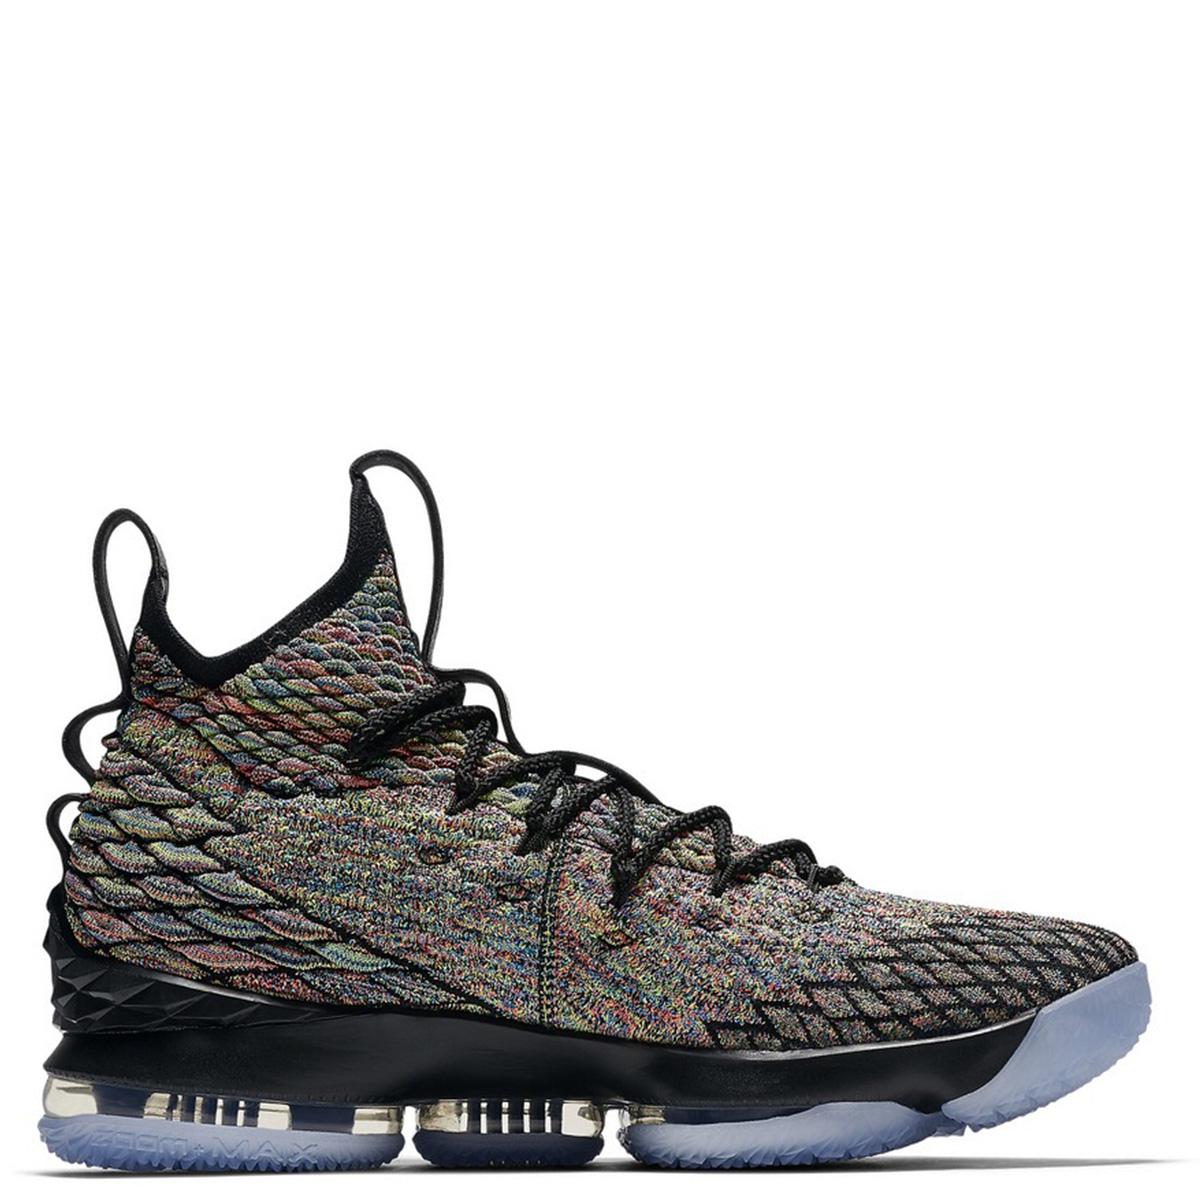 new product cc519 2c260 Nike NIKE Revlon 15 sneakers men LEBRON 15 multicolored AO1754-901 [193]